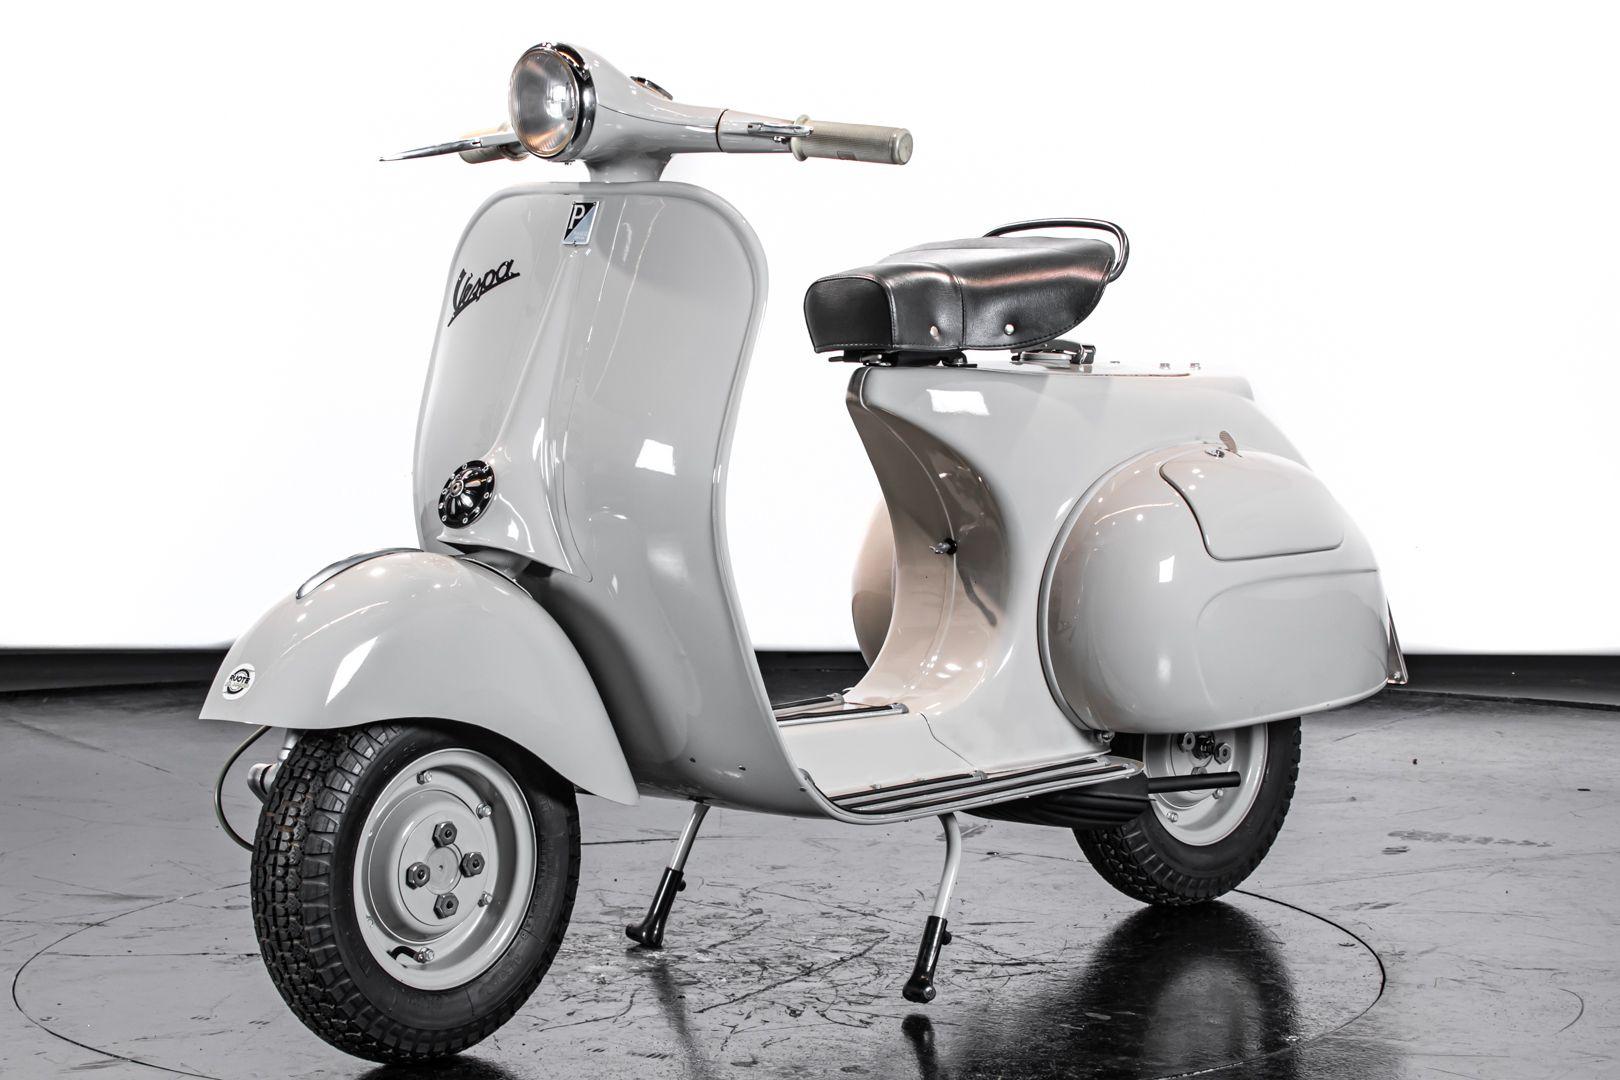 1958 Piaggio Vespa 125 72274